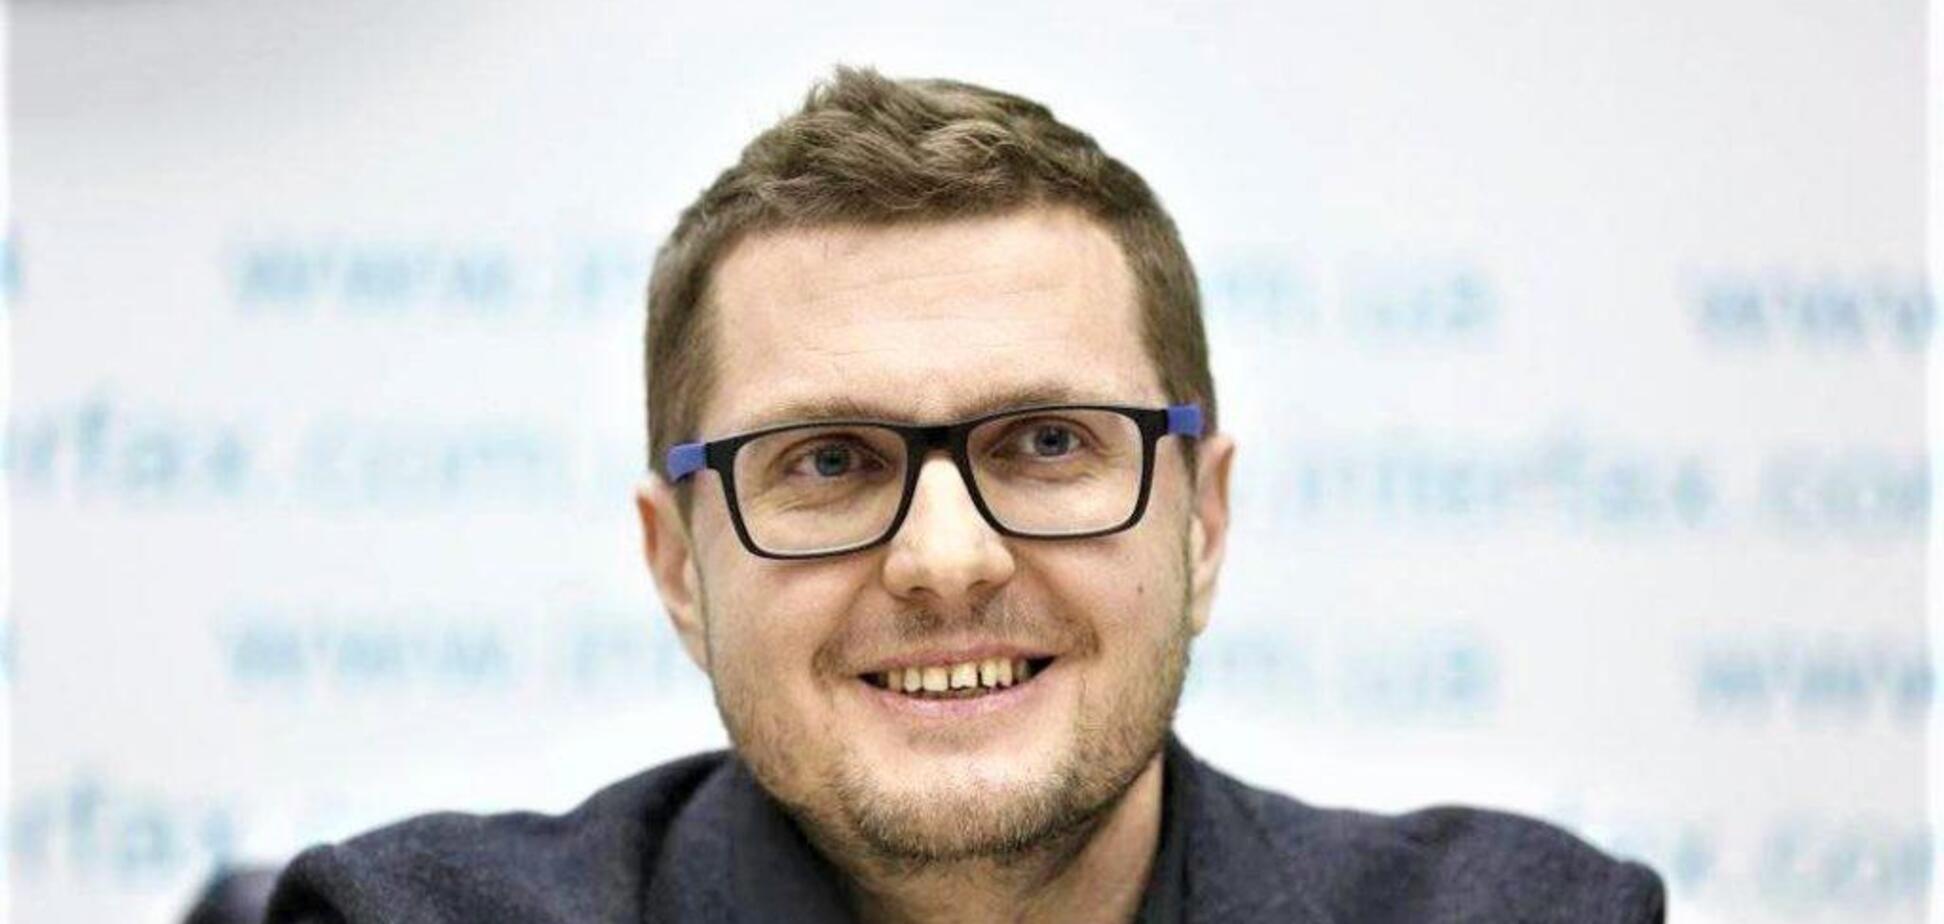 Зеленский назначил нового первого заместителя главы СБУ: названо имя